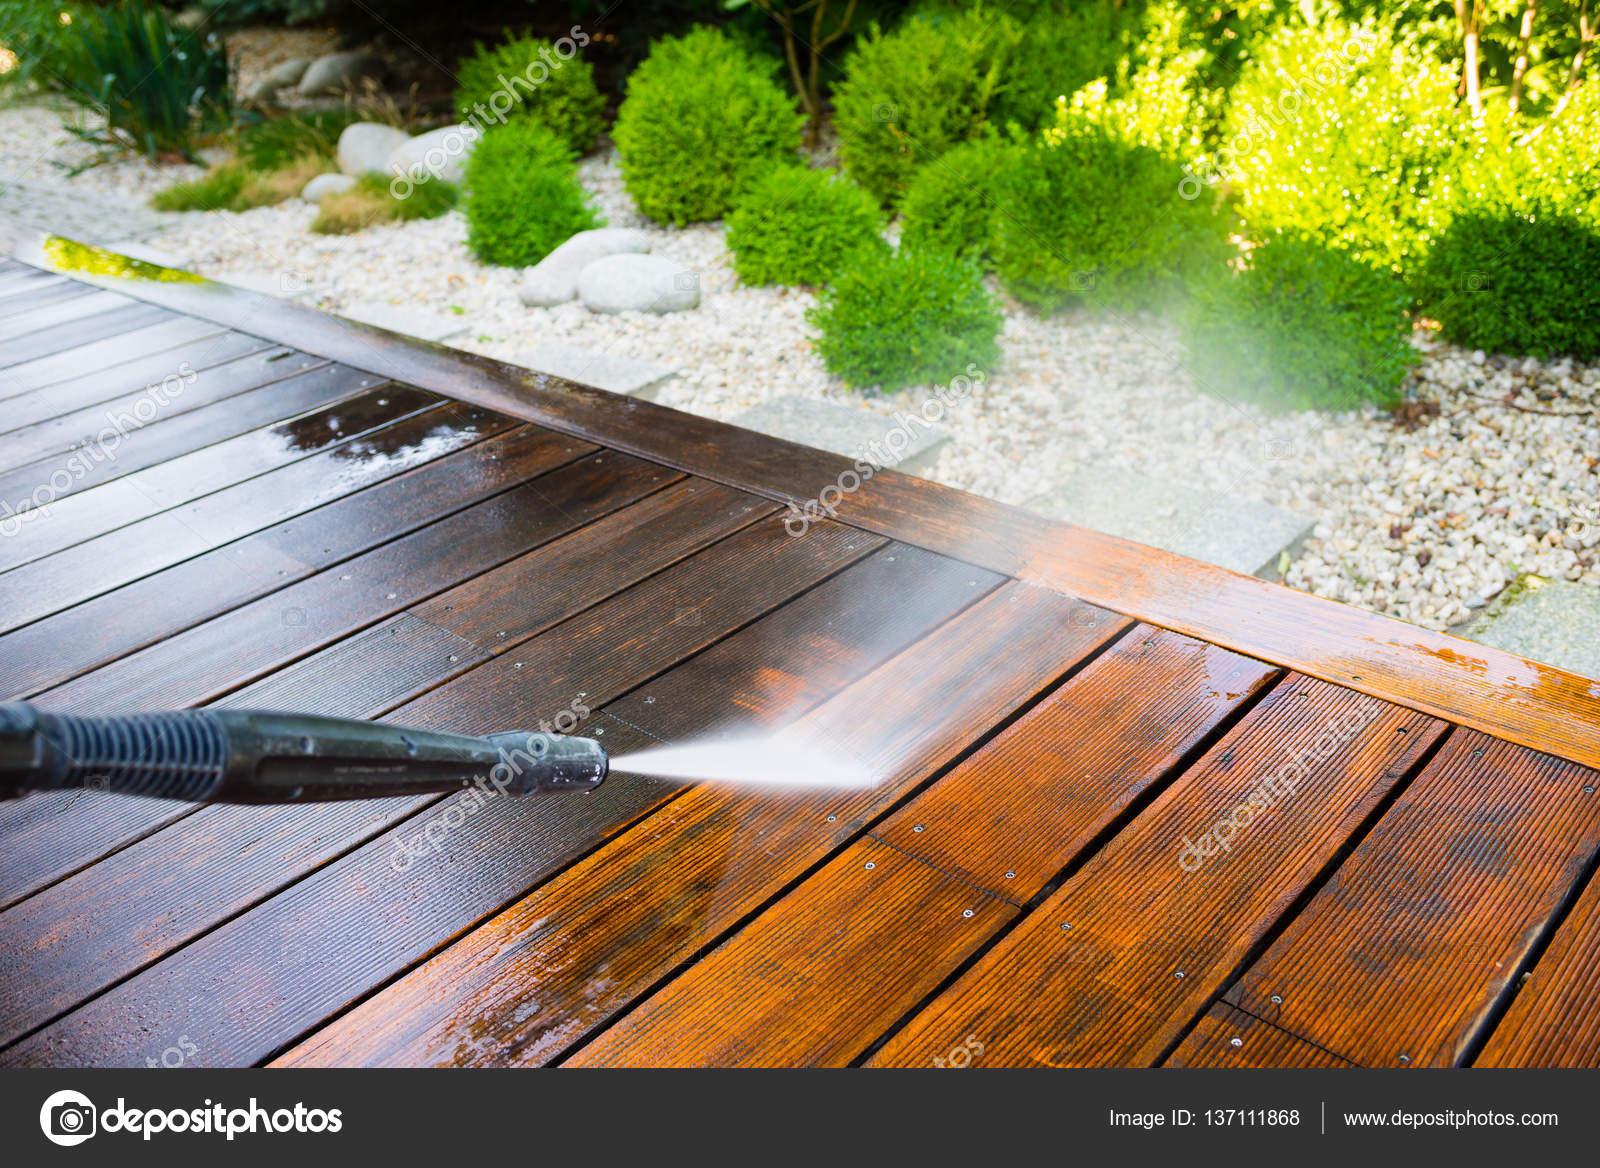 terrasse mit einen hochdruckreiniger reinigen — stockfoto © bubutu